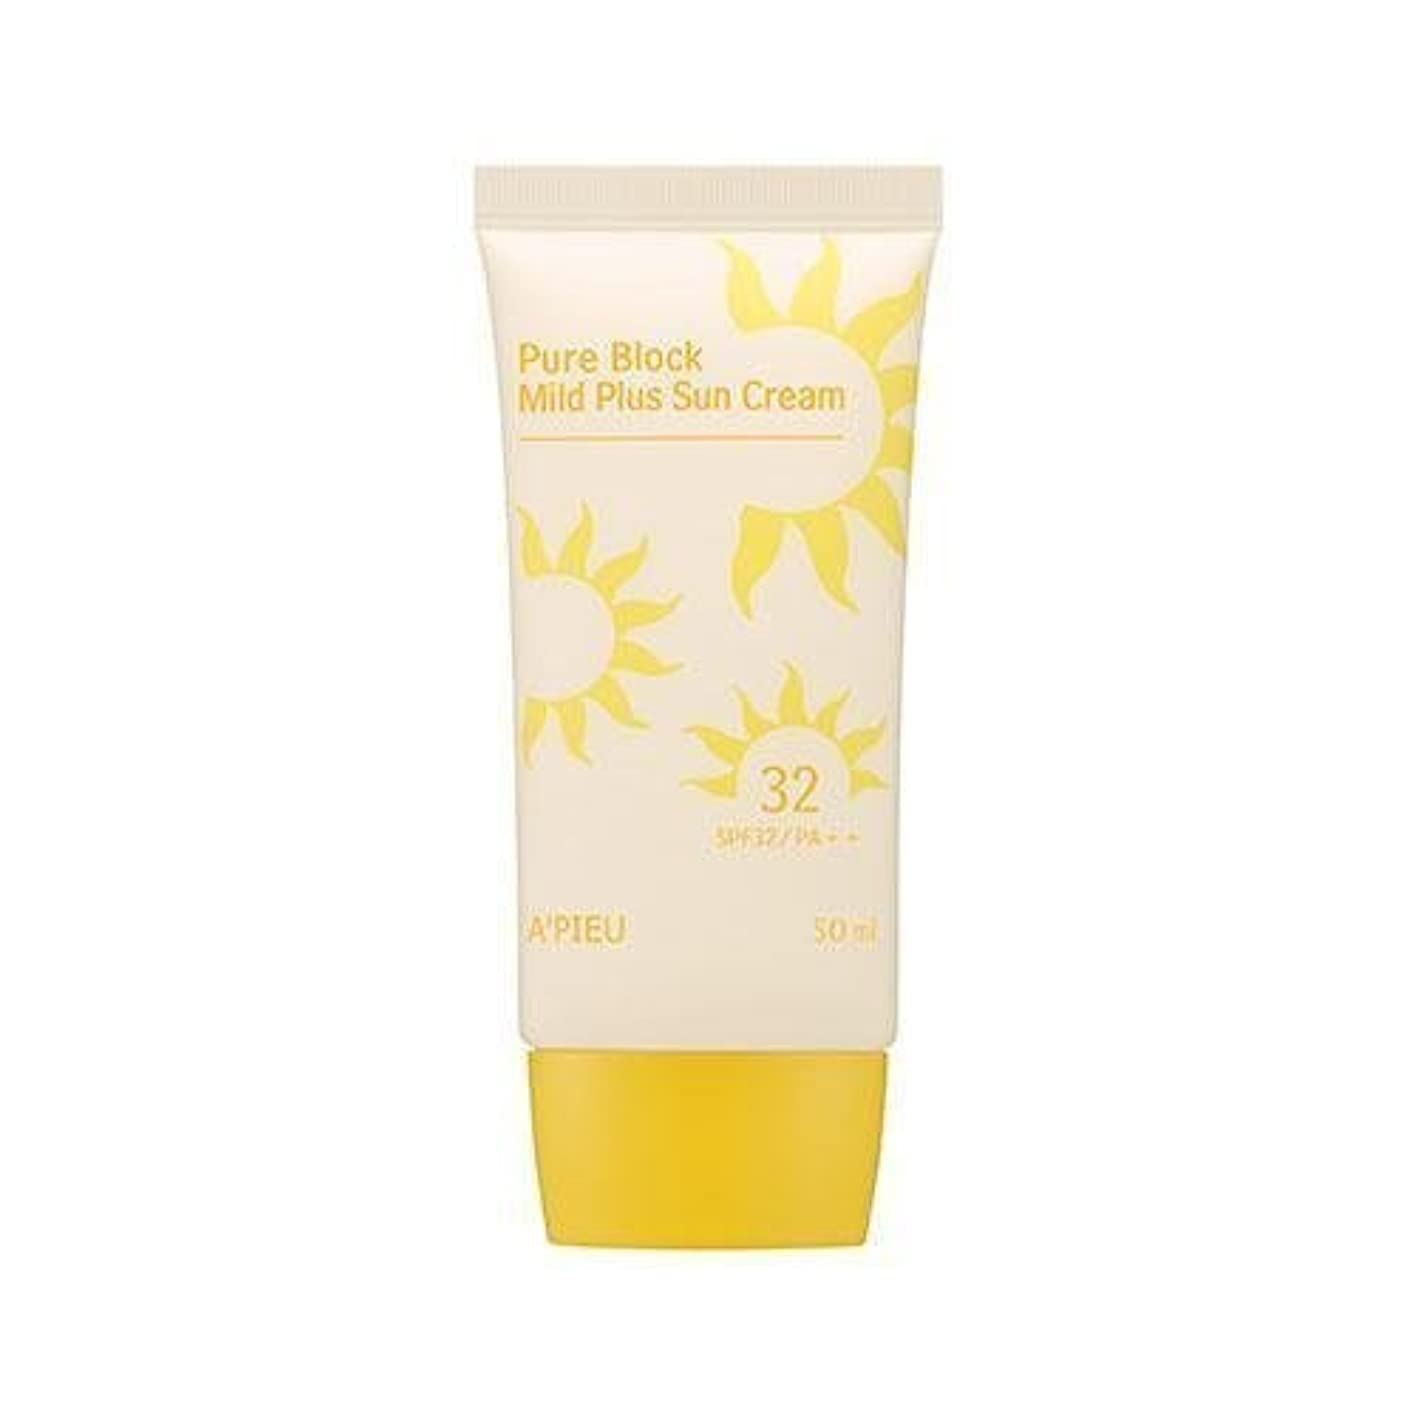 頭確認倍増APIEU Pure Block Mild Plus Sun Cream (SPF32/PA++)/ Made in Korea